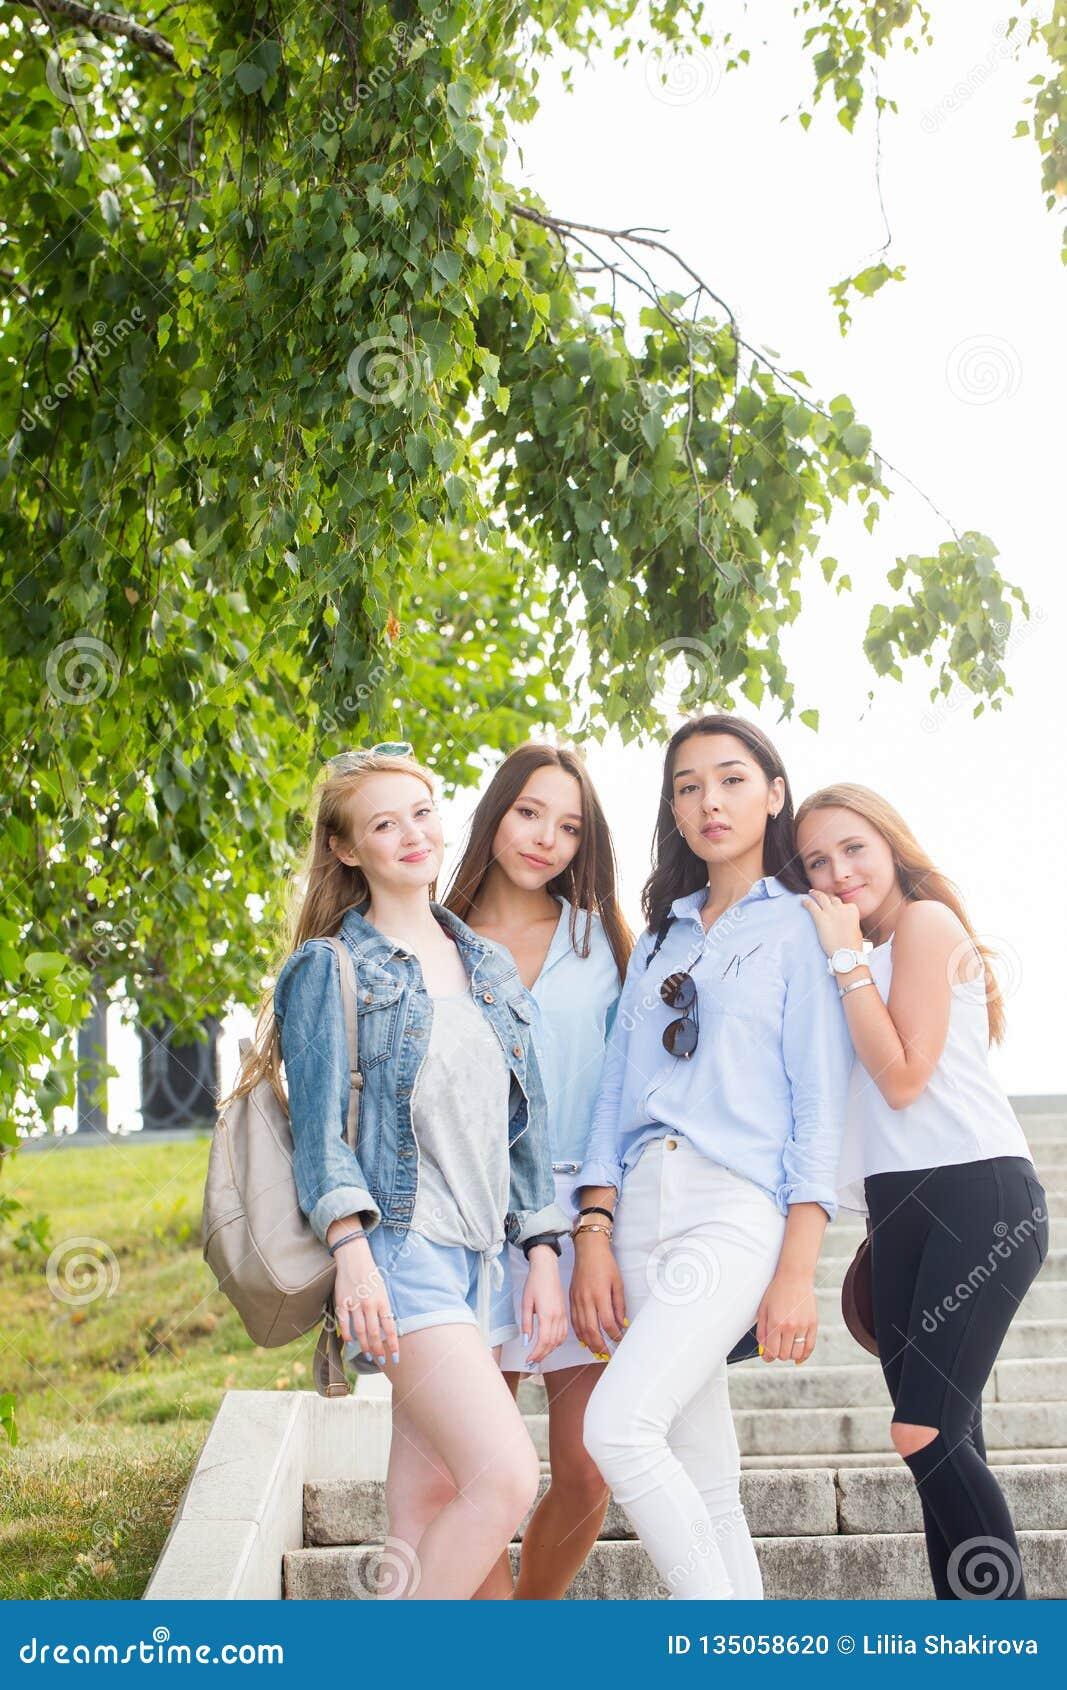 Ganzaufnahme von reizend jungen Studentenmädchen im Park im Sommer Frauenabnutzungspastell färbte Kleidung, Turnschuhe und Schuhe